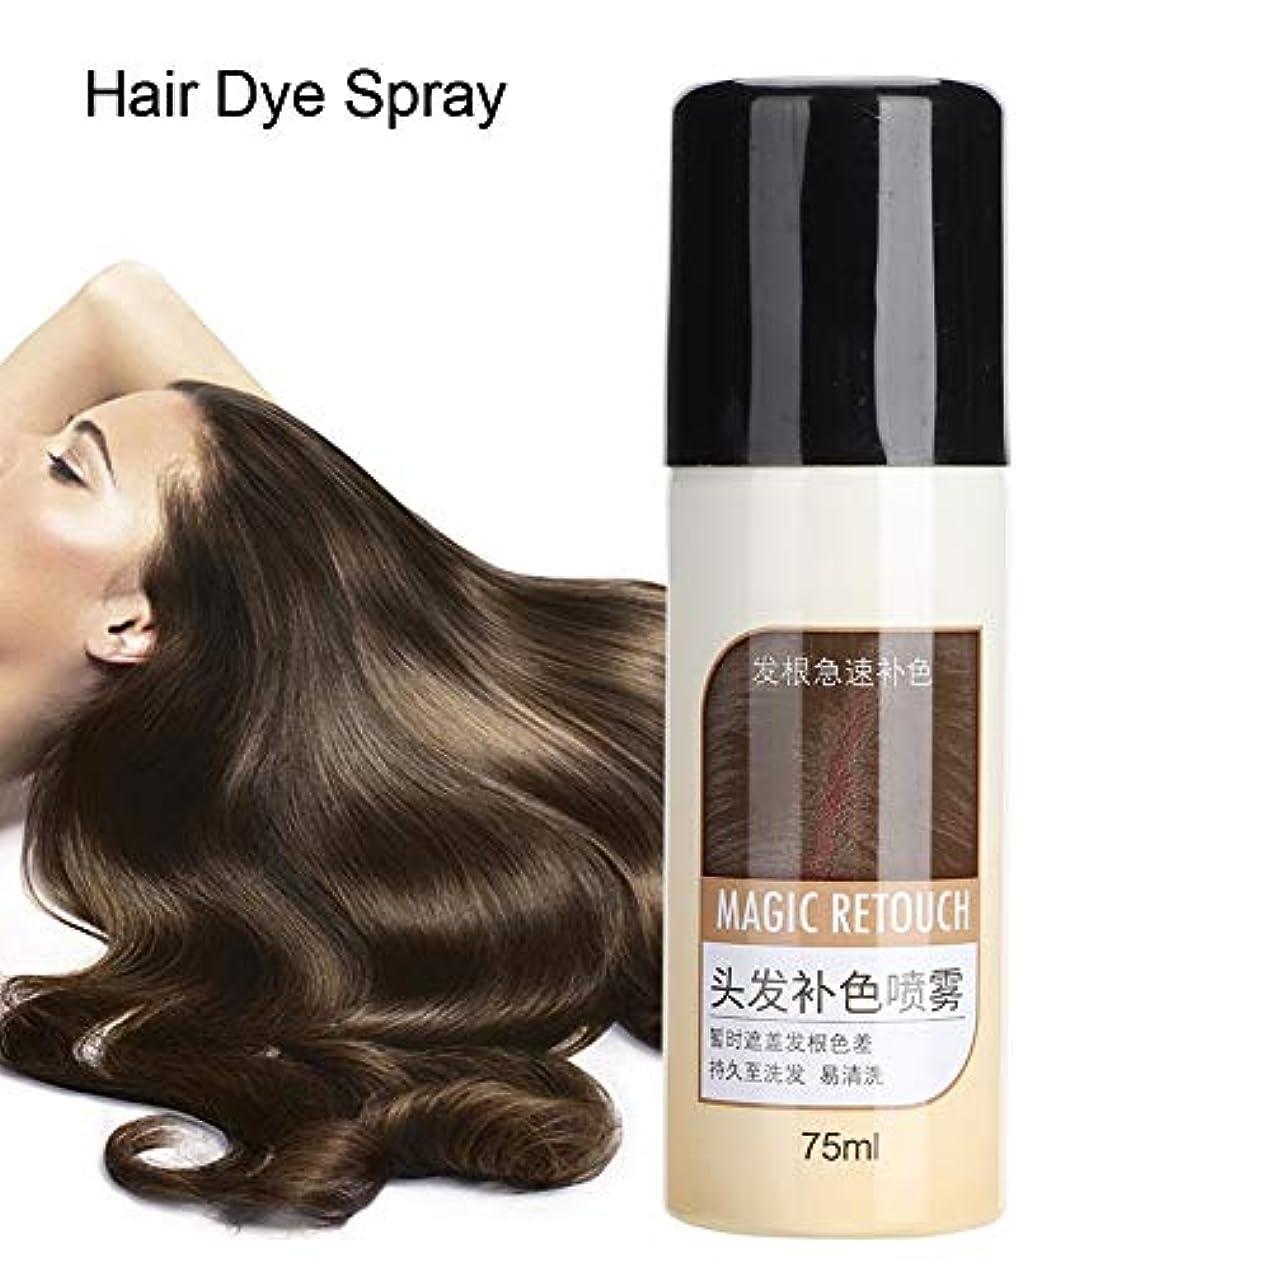 エレベーターファイナンス適性ヘアダイ、べたつかないマットヘアスタイル栄養補給用洗えるスプレーカバー白髪用長続きするカラー染料750ml (#1)